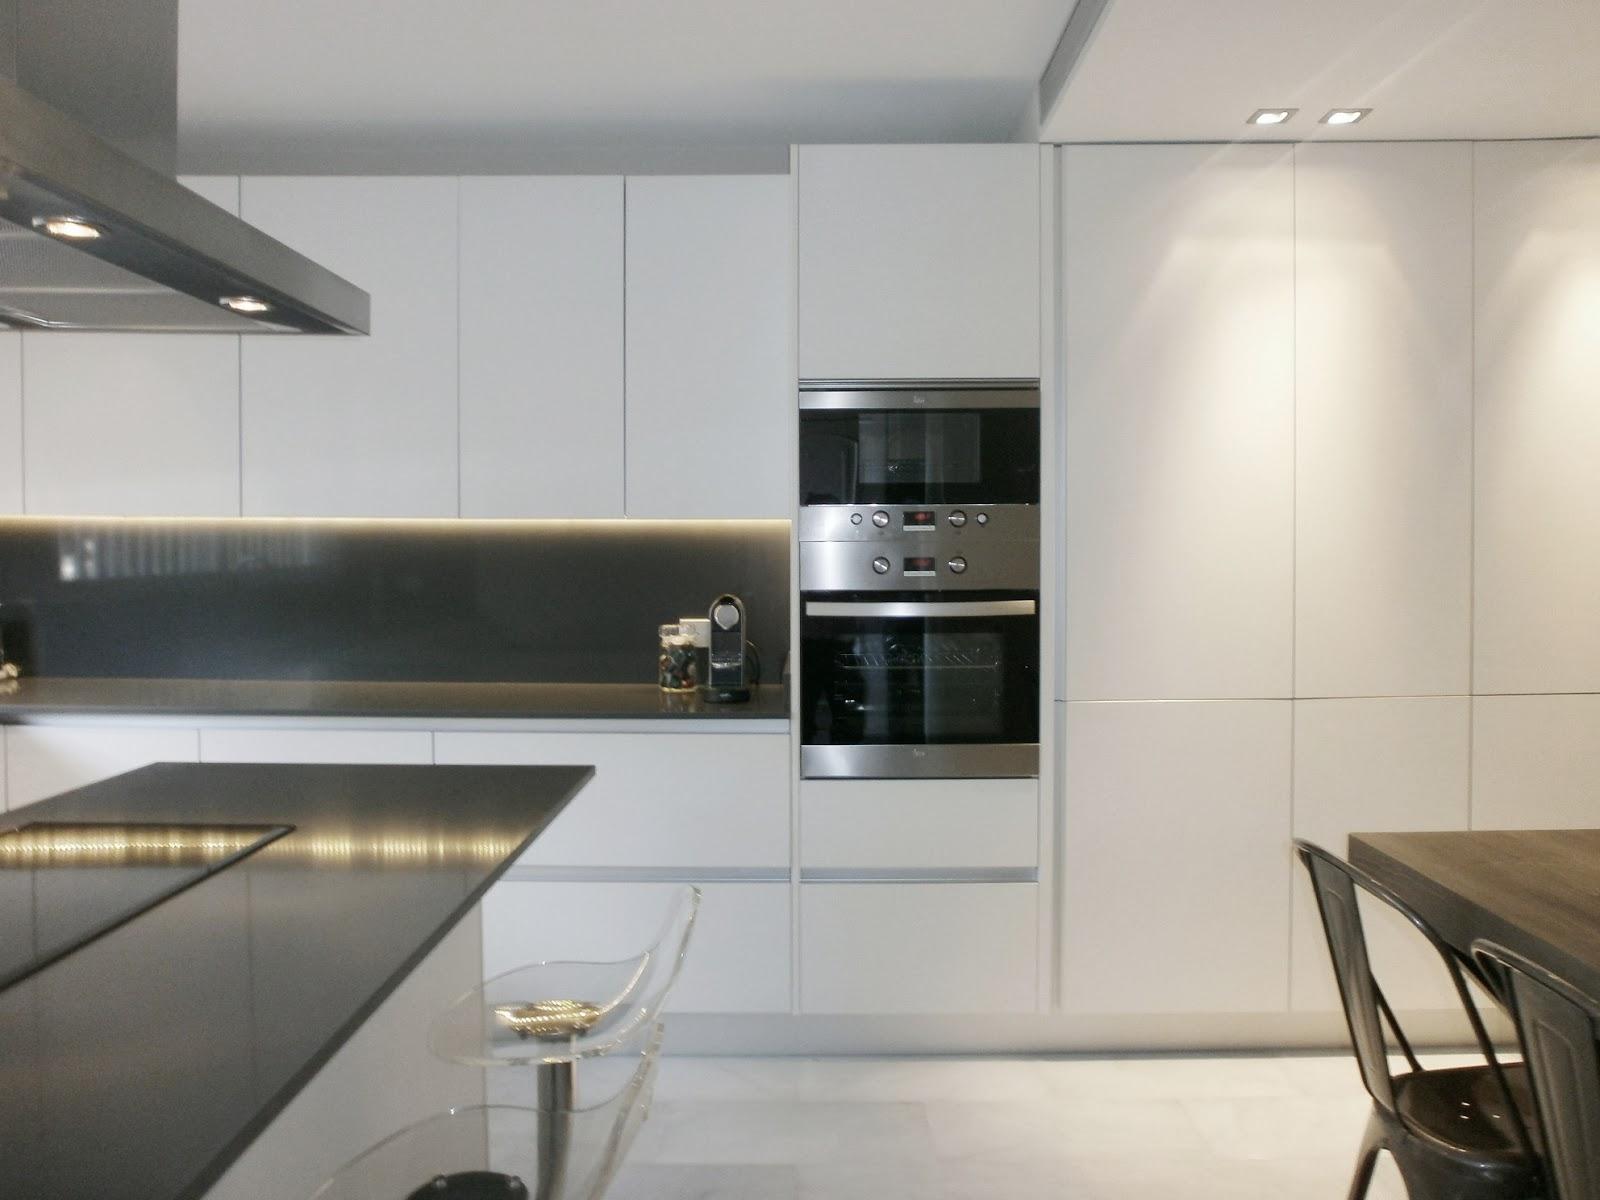 Encantadora cocina blanca independiente con isla y office for Cocinas modernas blancas con peninsula